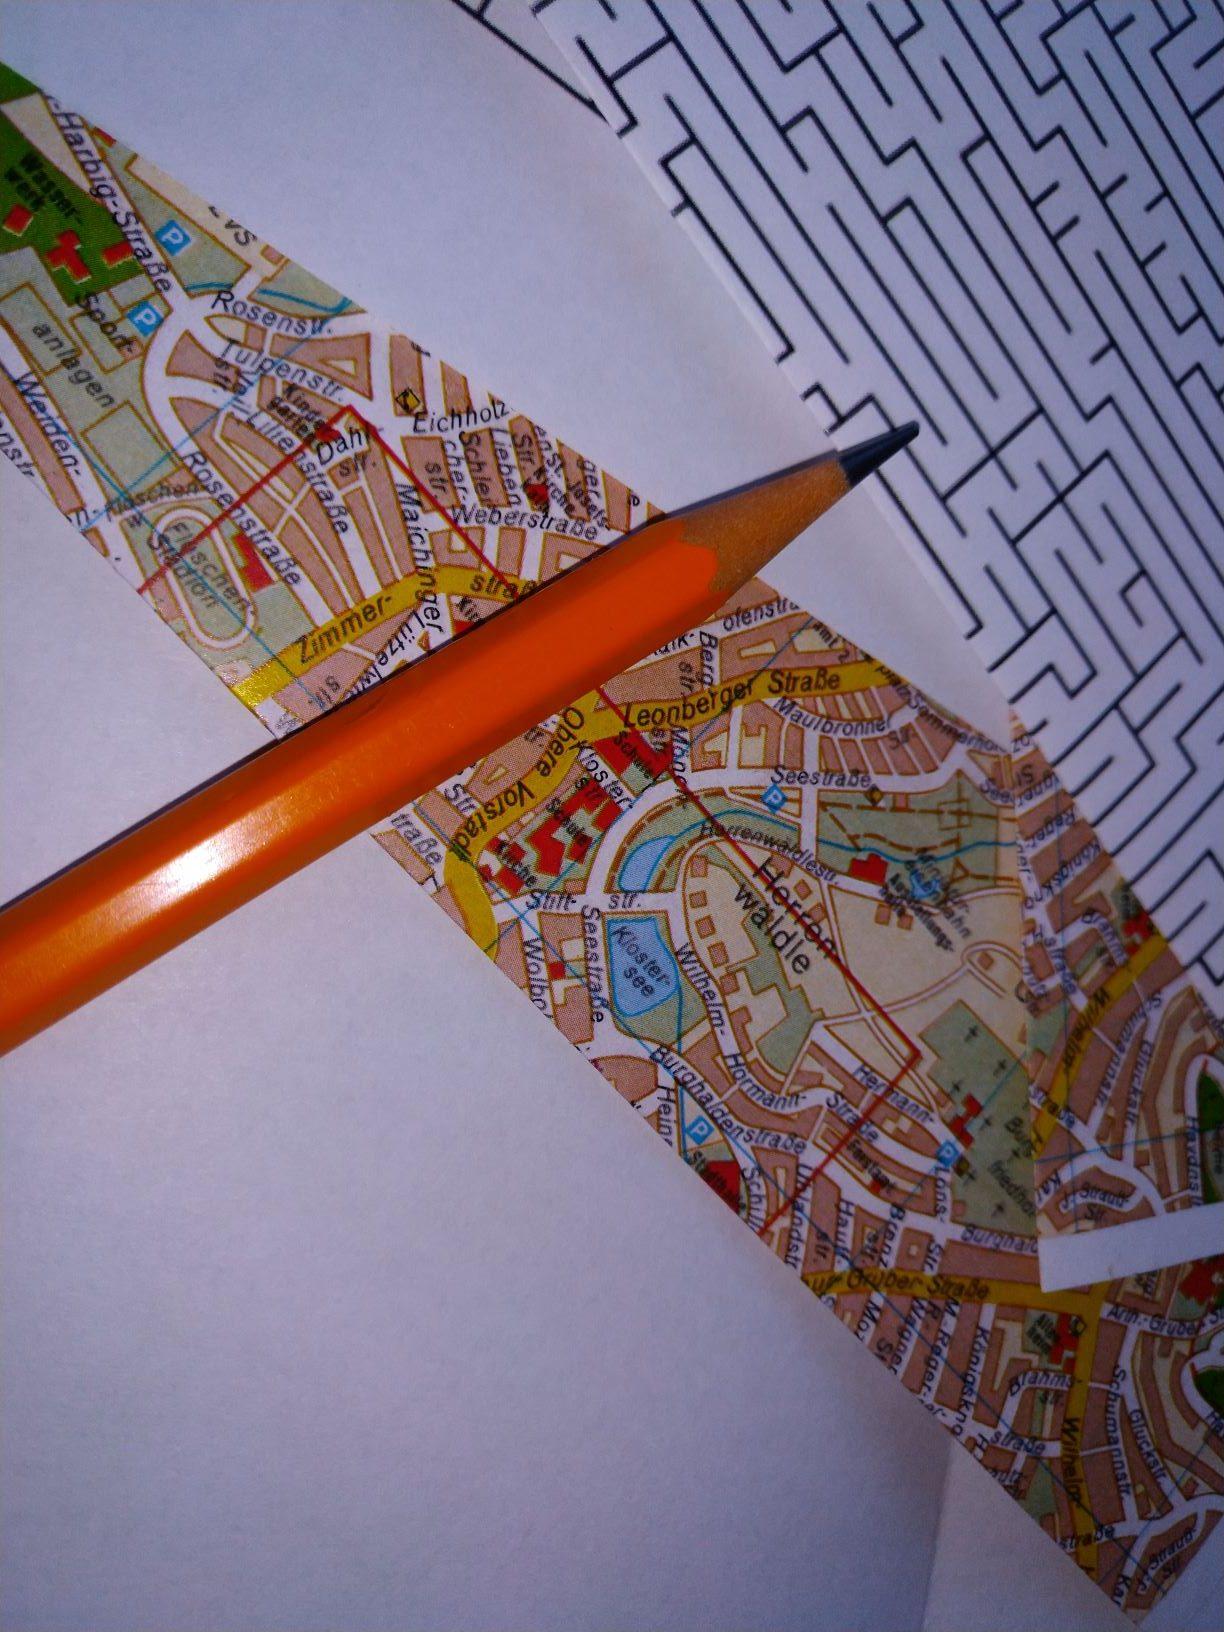 Rätsel, Karte und Stift